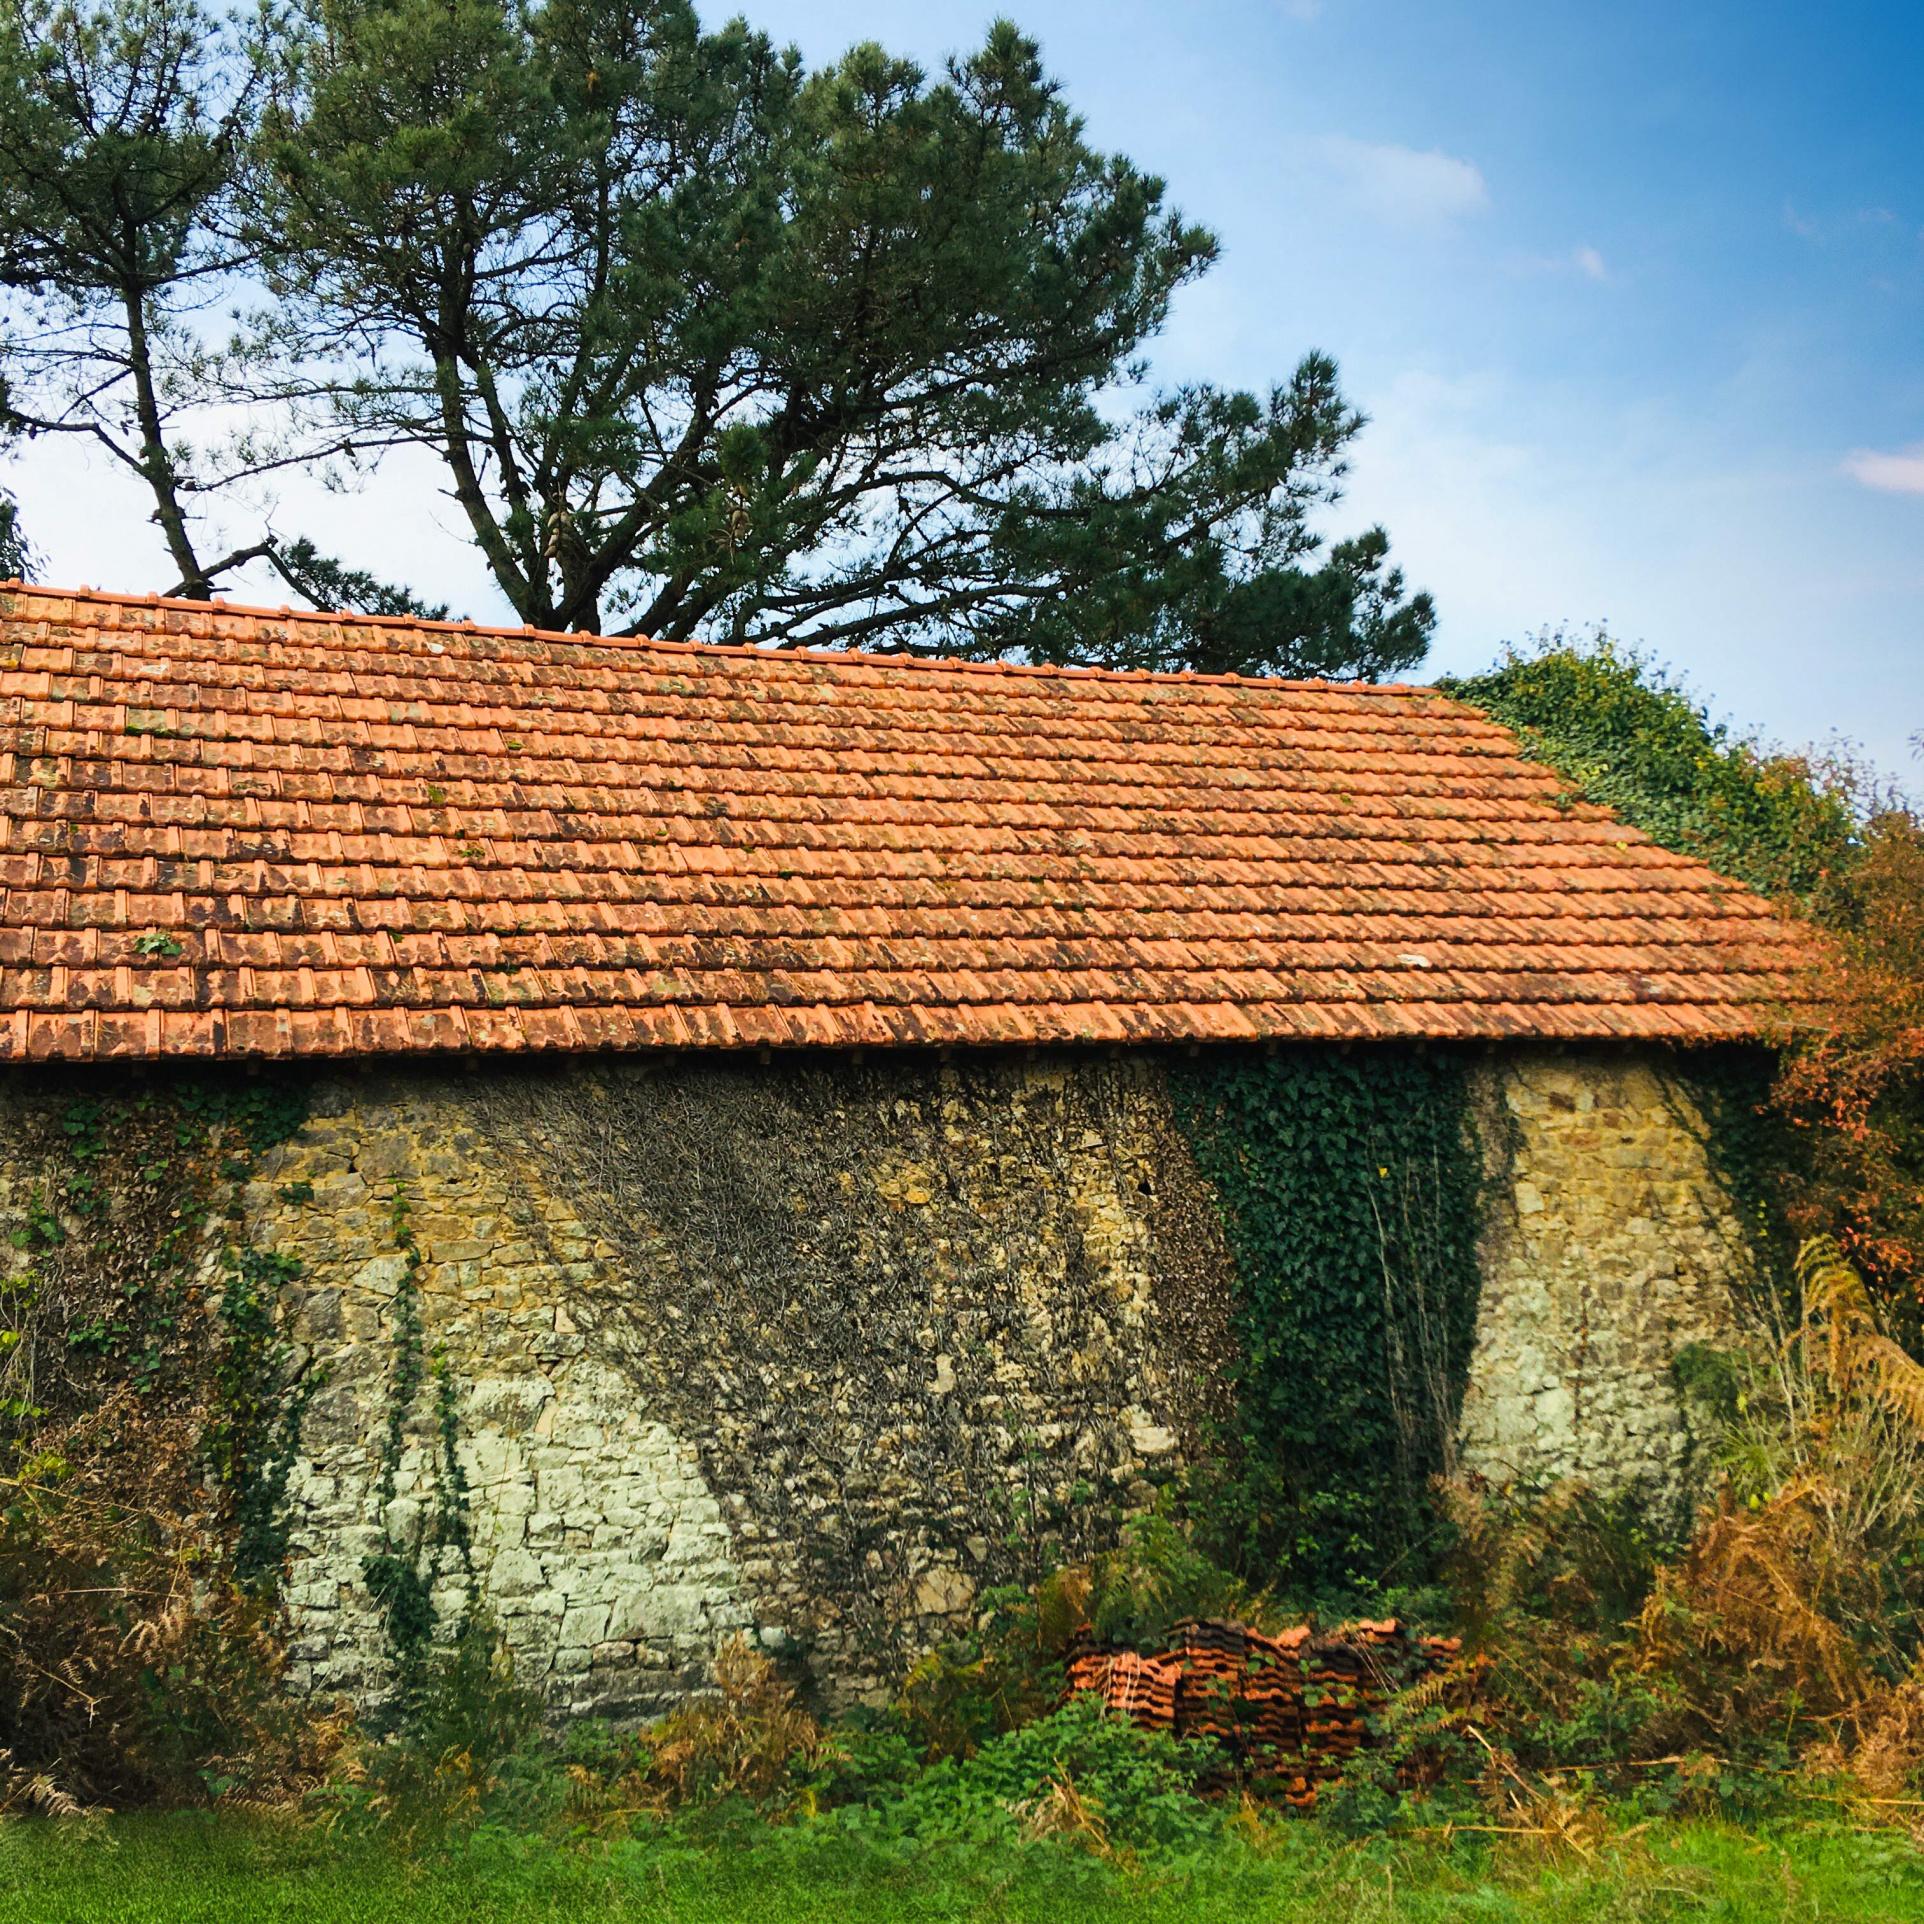 Un bâtiment indépendant (non attenant à la maison) en pierres en bon état avec une toiture bon état.